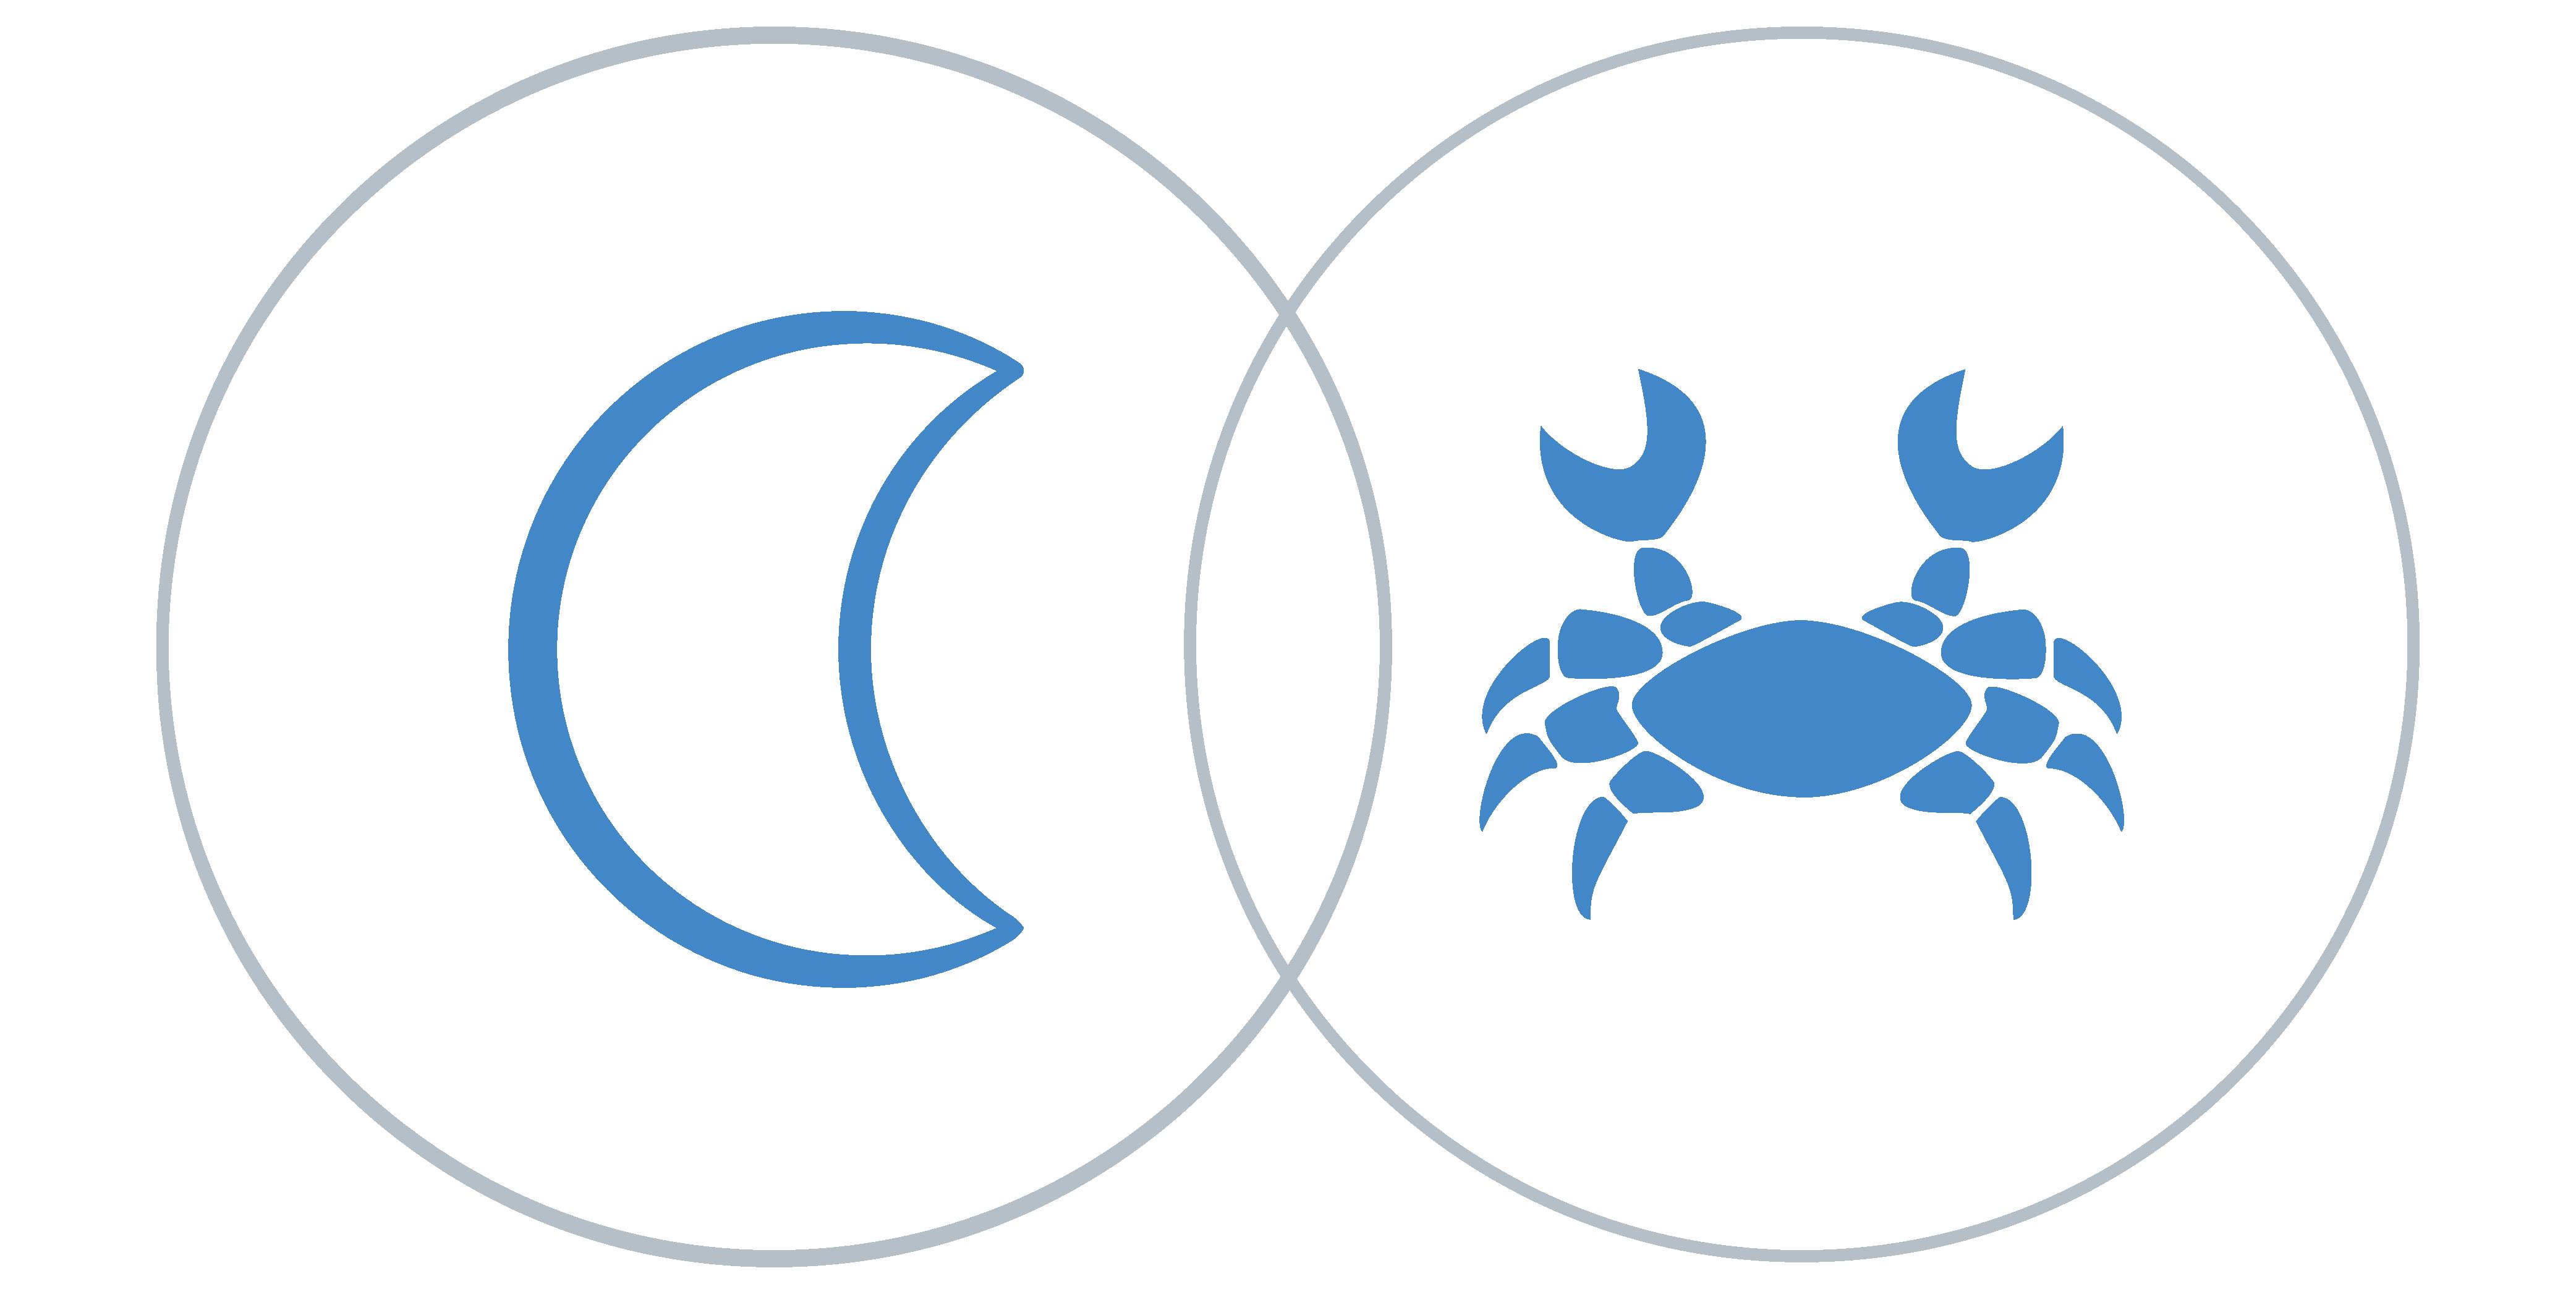 rák szakmai horoszkóp nyirokrák tünetei